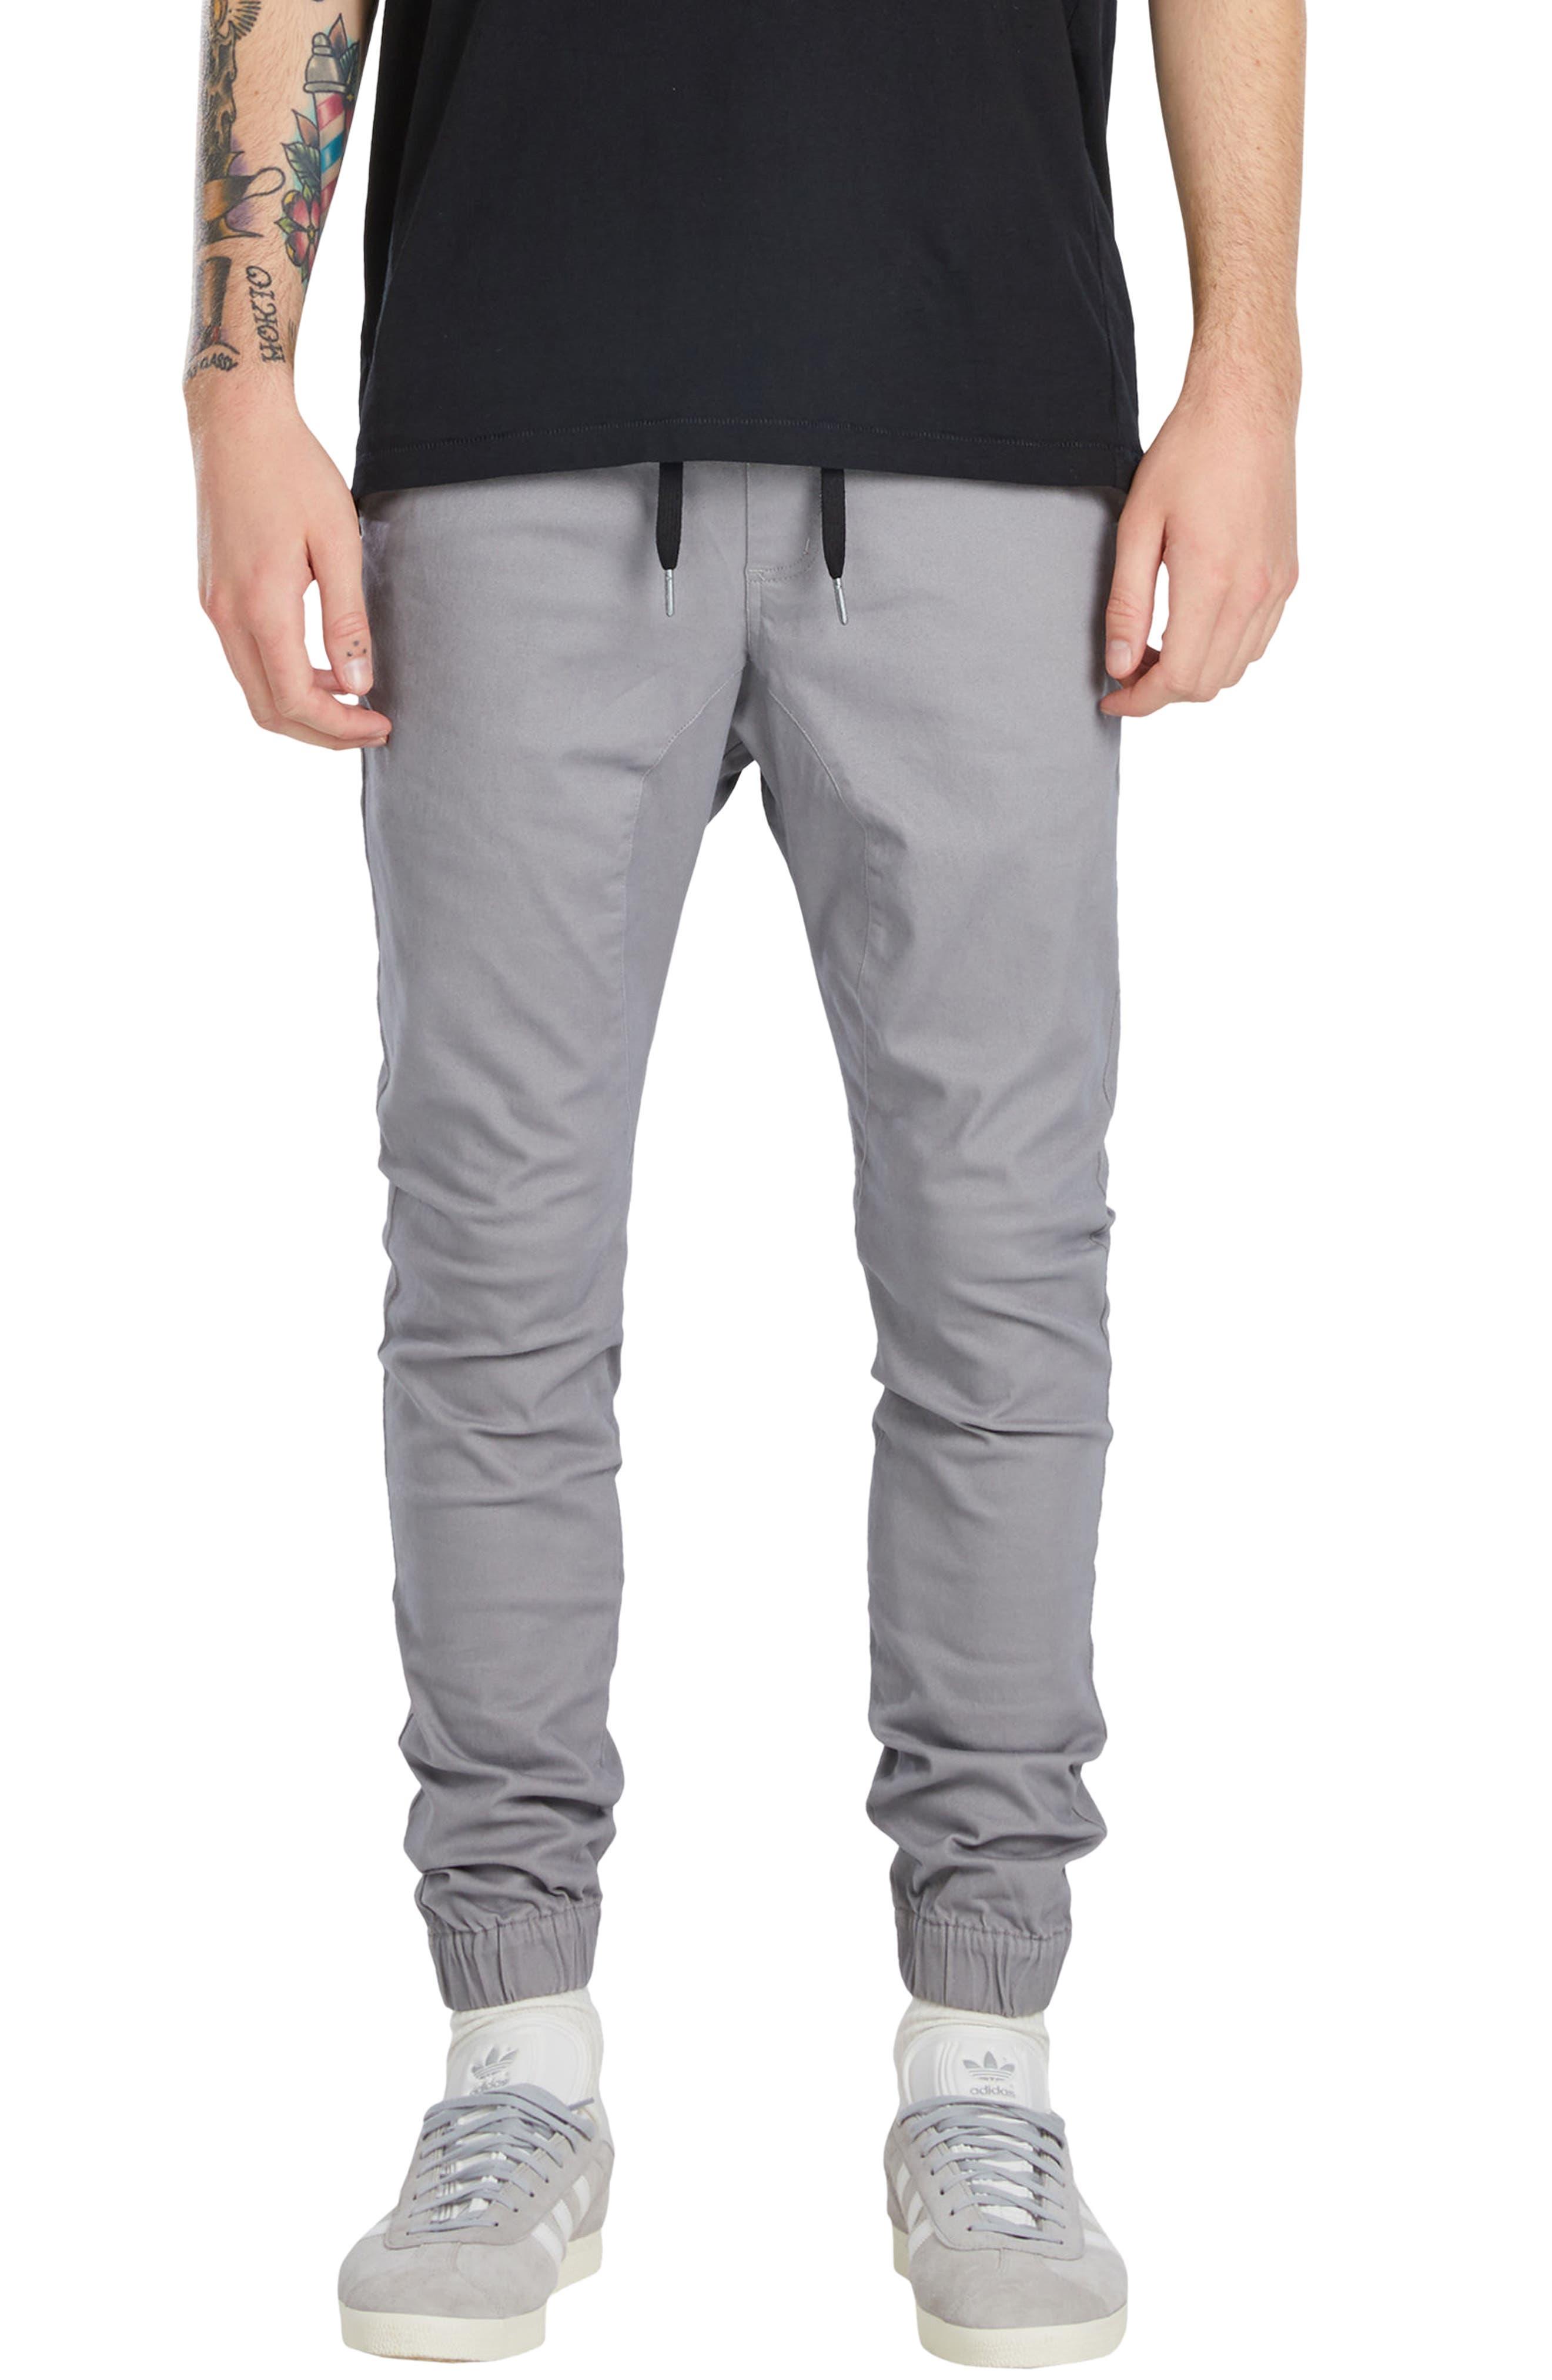 Sureshot Jogger Pants,                         Main,                         color, Cement